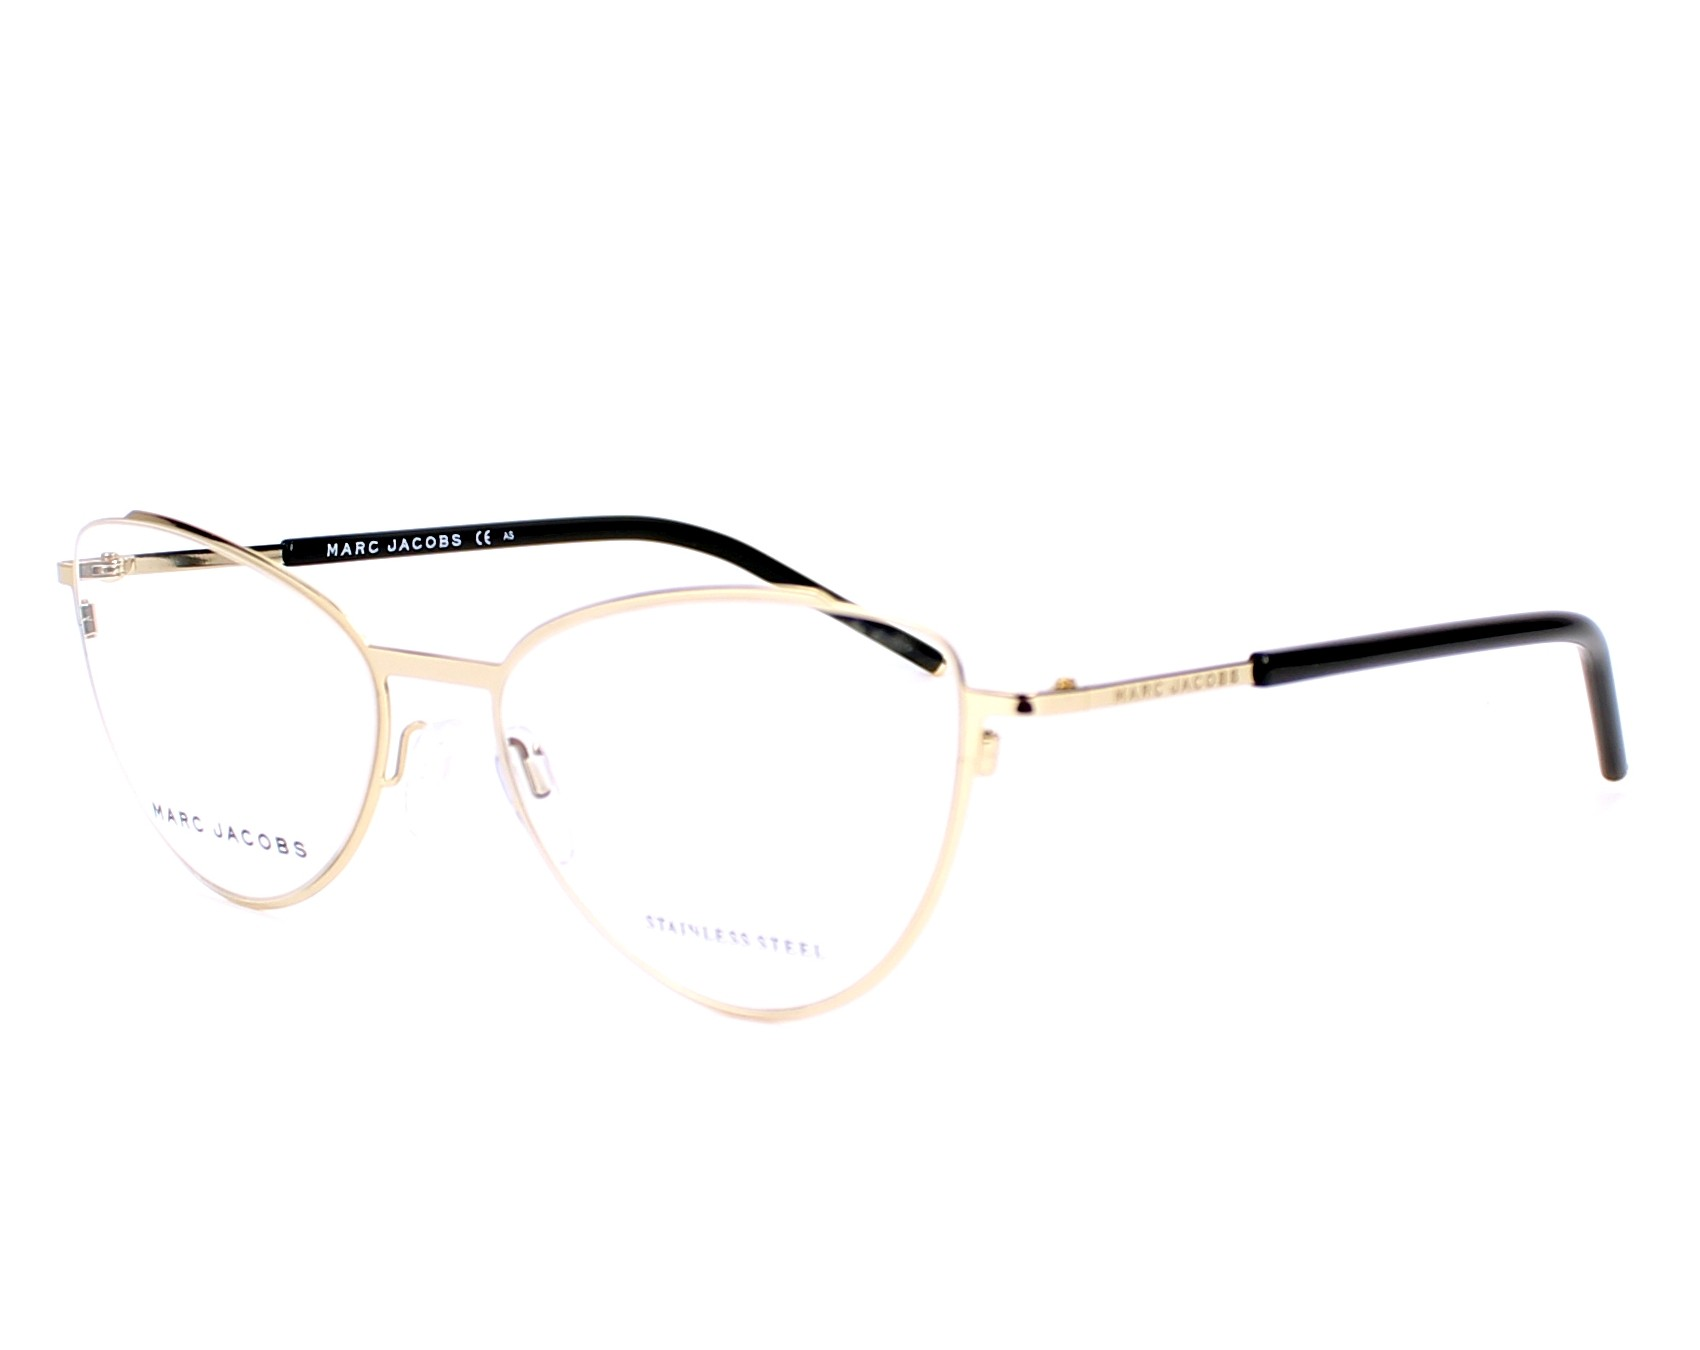 marc jacobs eyeglasses marc 40 rhl gold visio. Black Bedroom Furniture Sets. Home Design Ideas